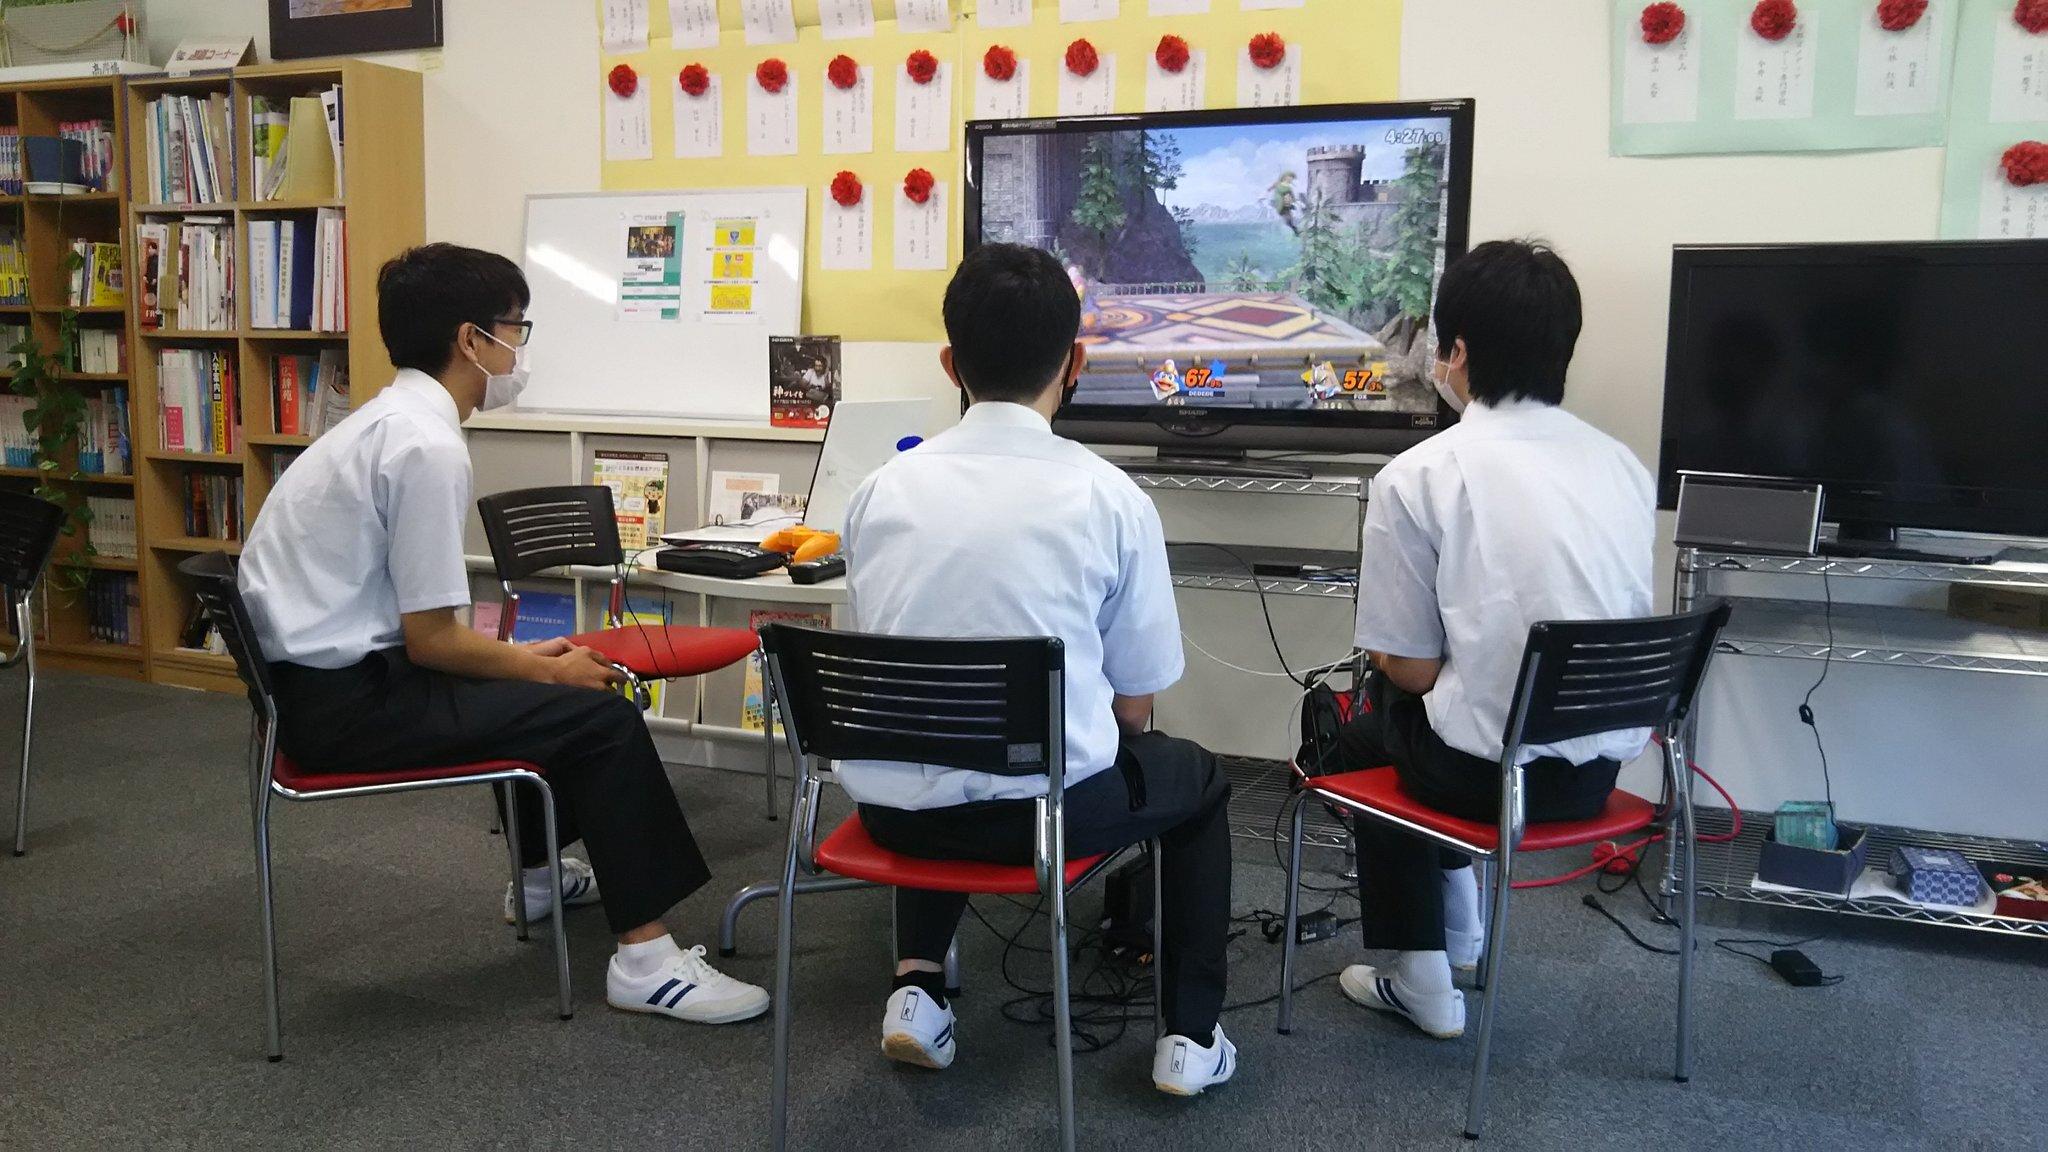 学校の部活としてゲームをやるからには真剣に取り組む姿勢だ